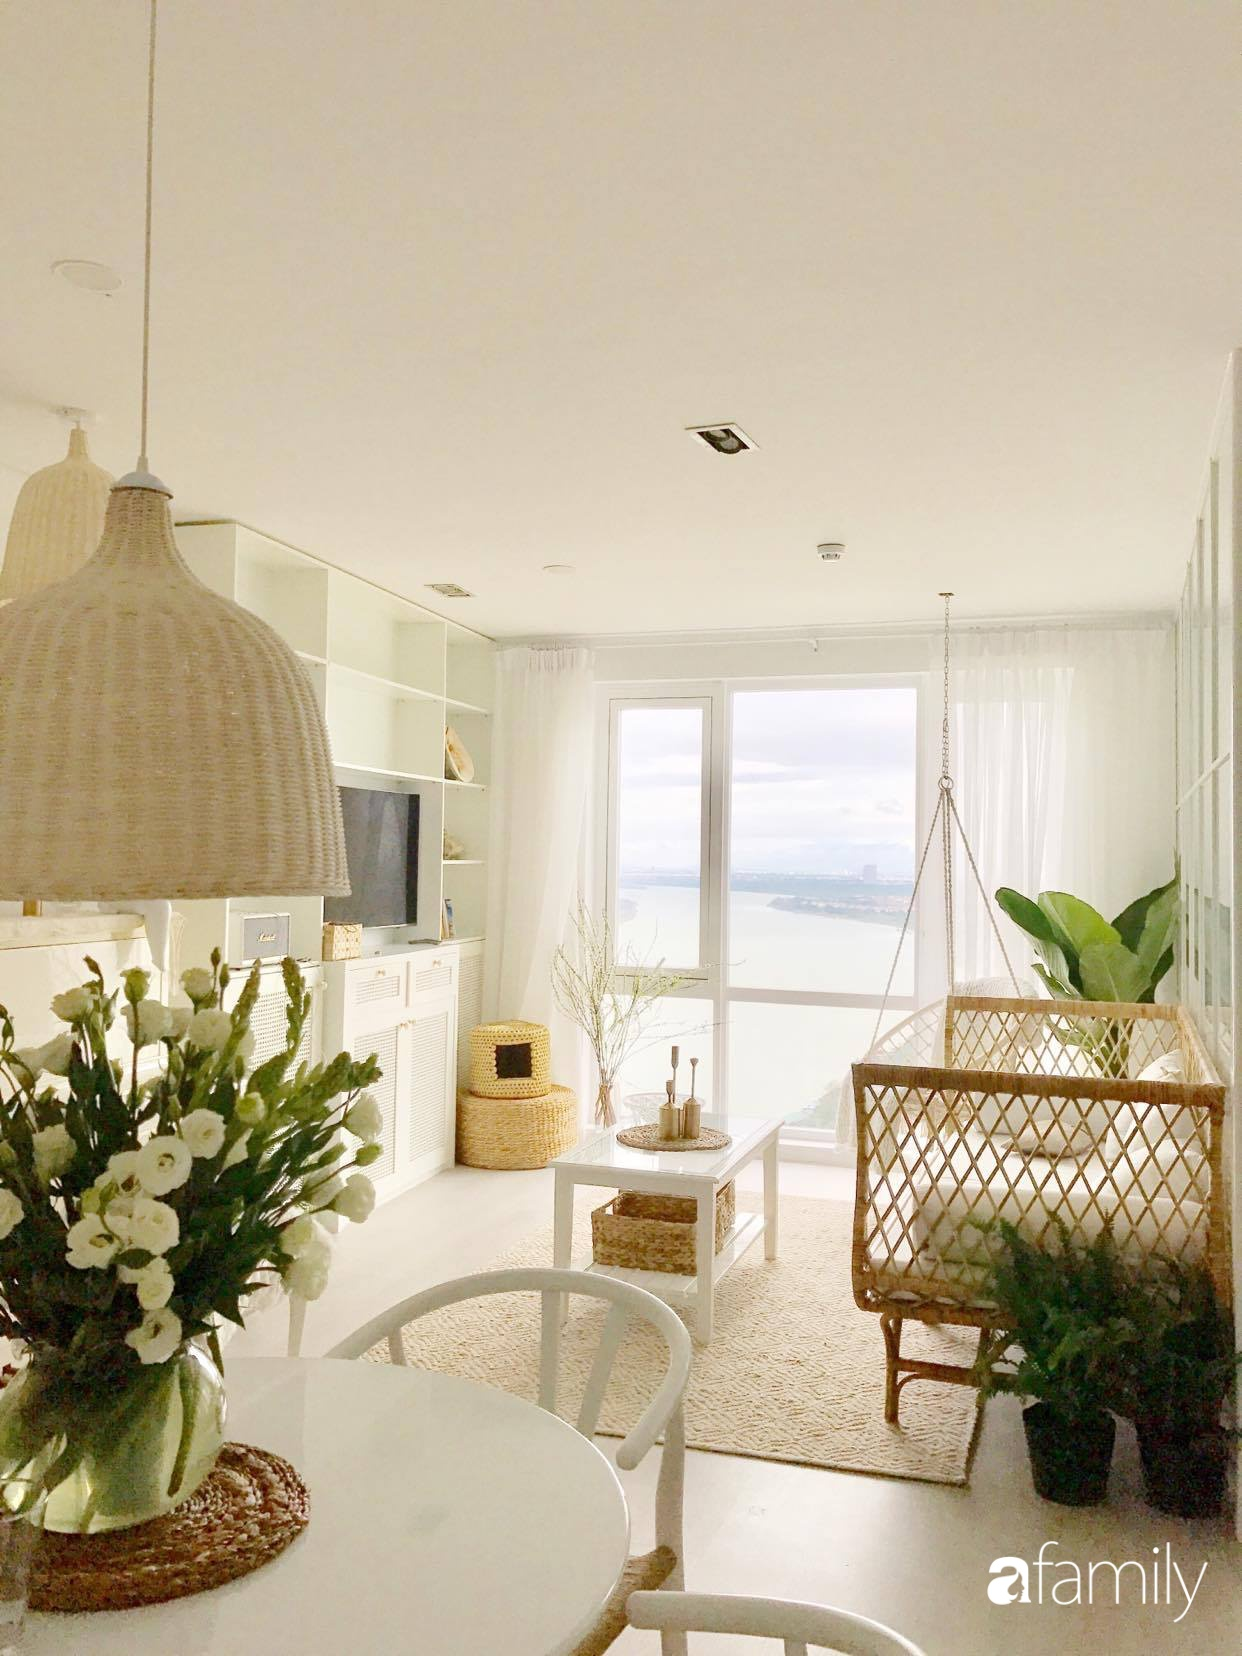 Căn hộ 80m2 view sông Hồng đẹp như thơ nhờ cách tự décor nội thất mộc mạc của nữ họa sĩ kiêm nhà thiết kế thời trang - Ảnh 5.